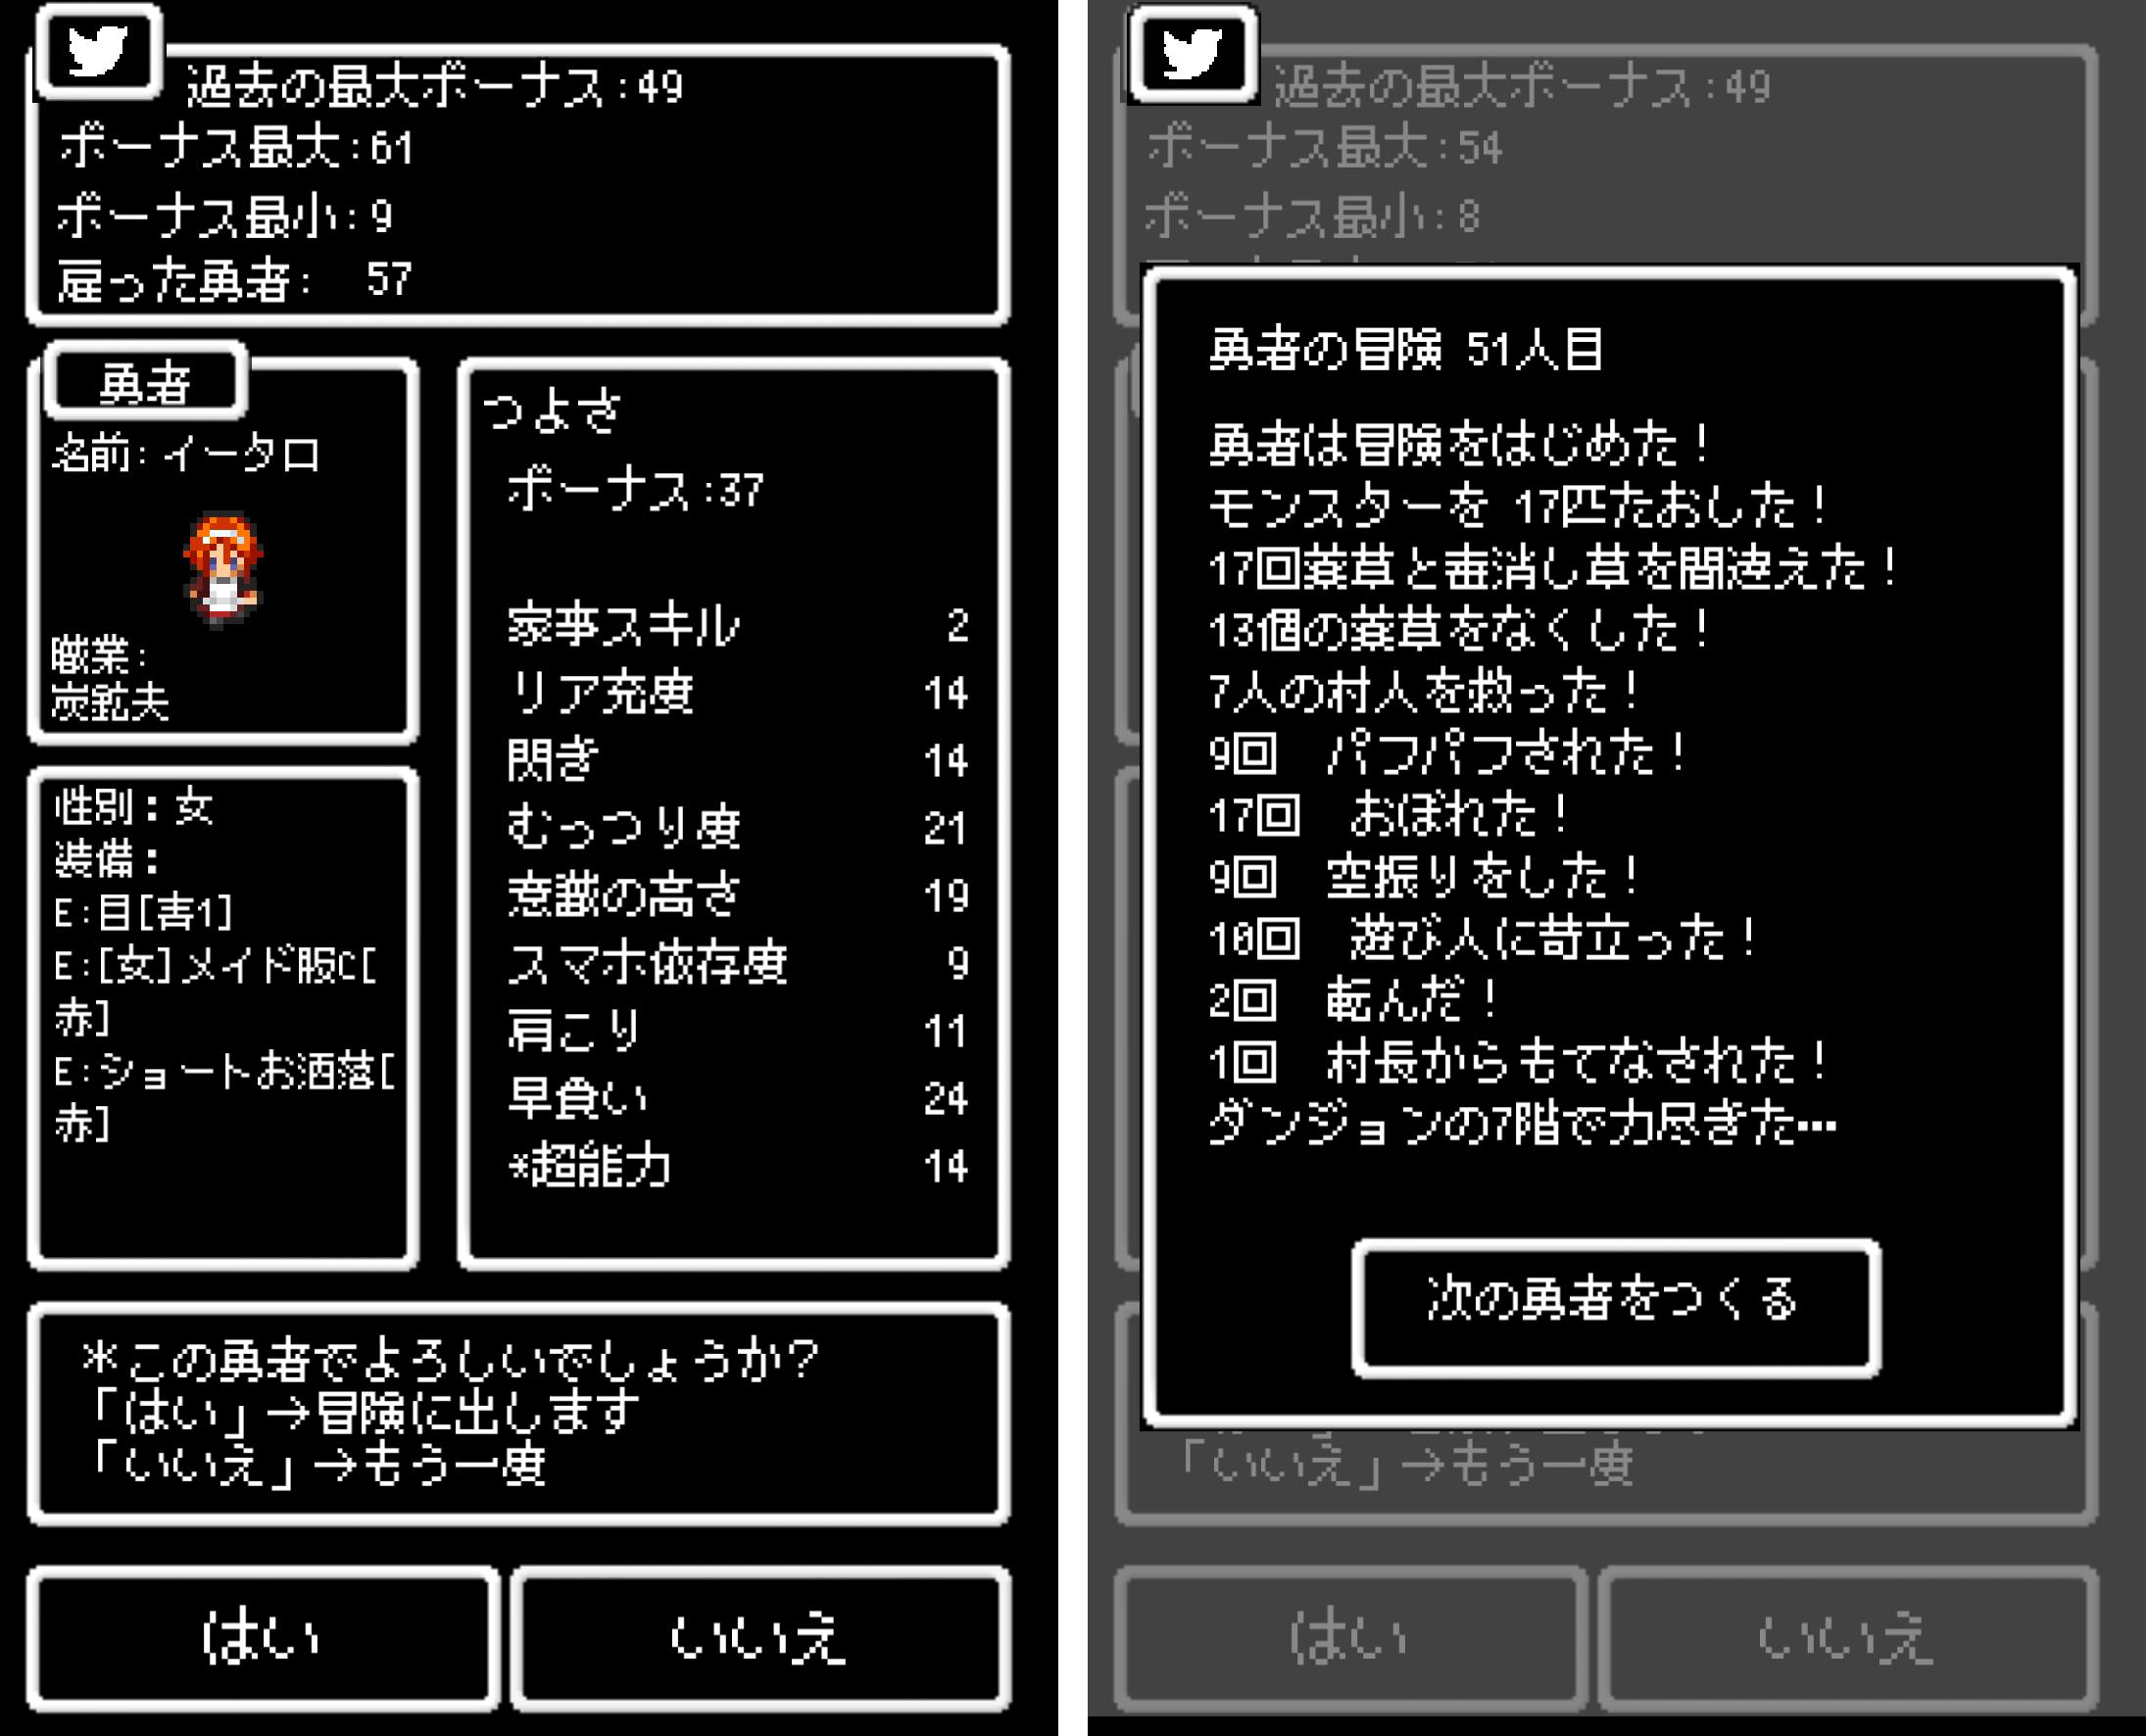 ゆぼひくっ!(勇者のボーナス低すぎ…?) androidアプリスクリーンショット1